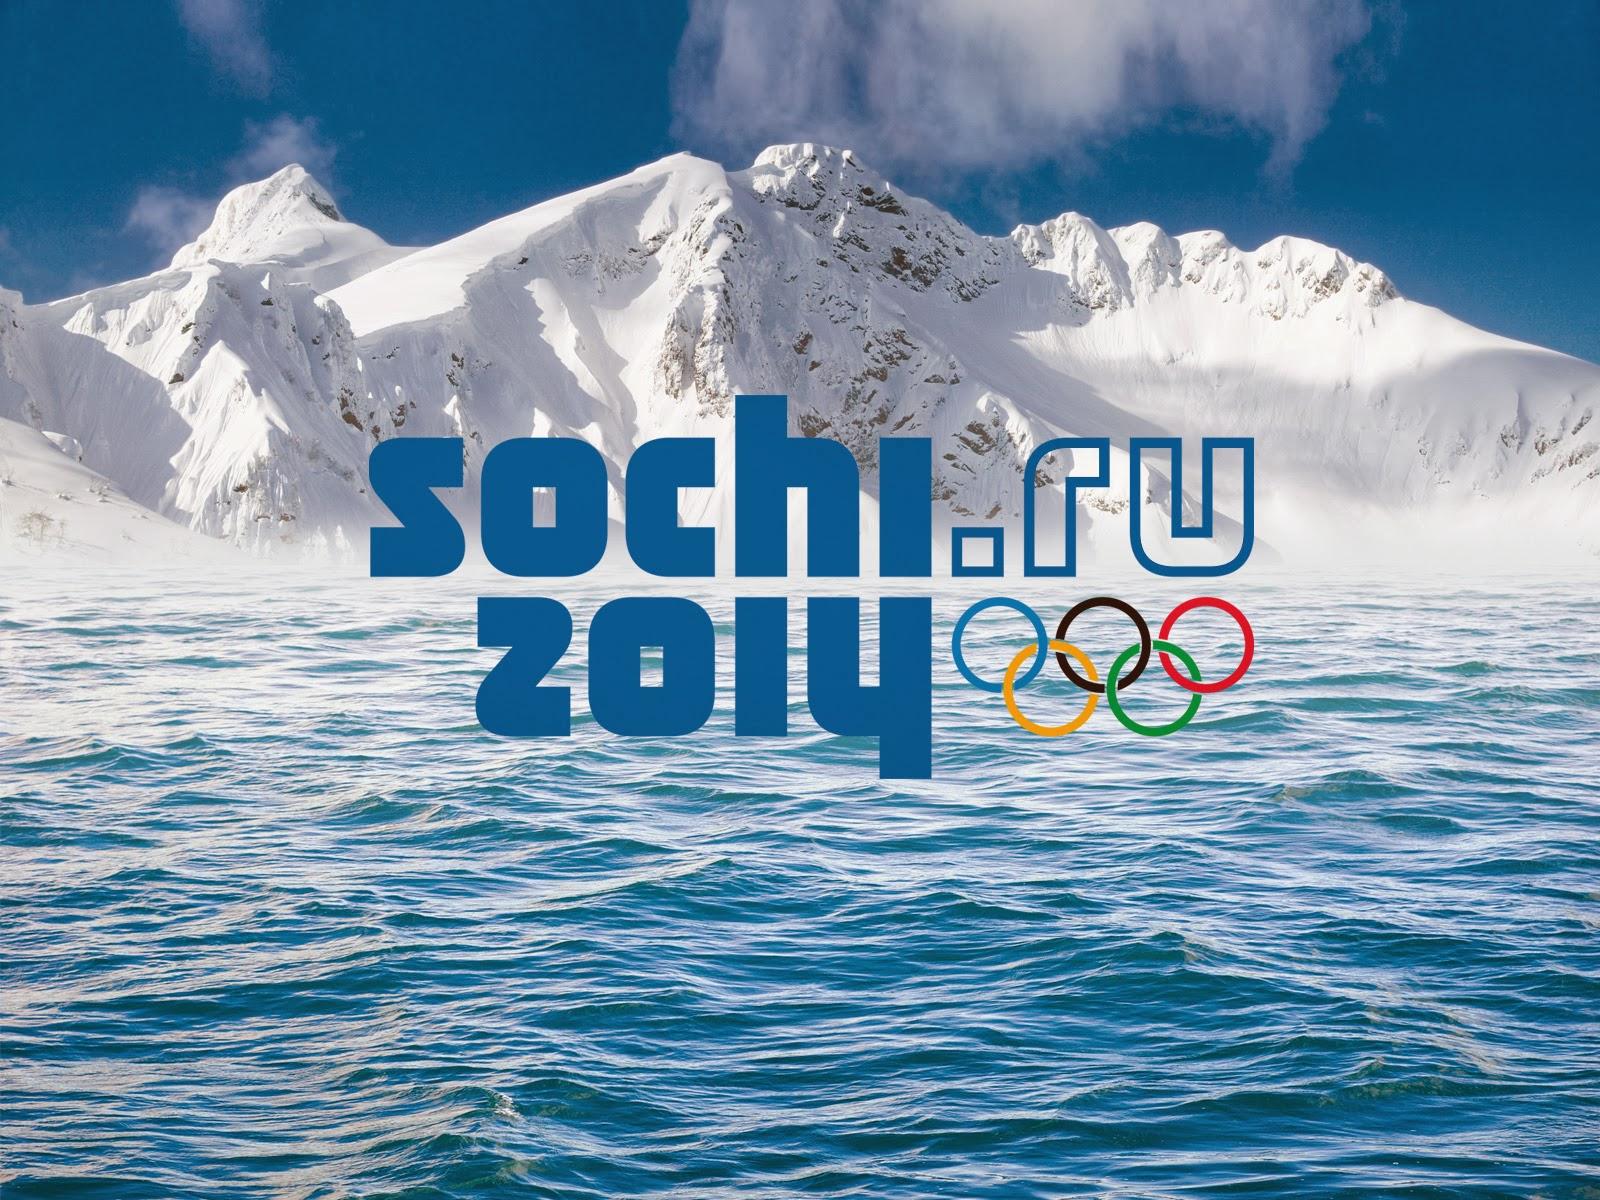 olimpiadi-sochi-logo